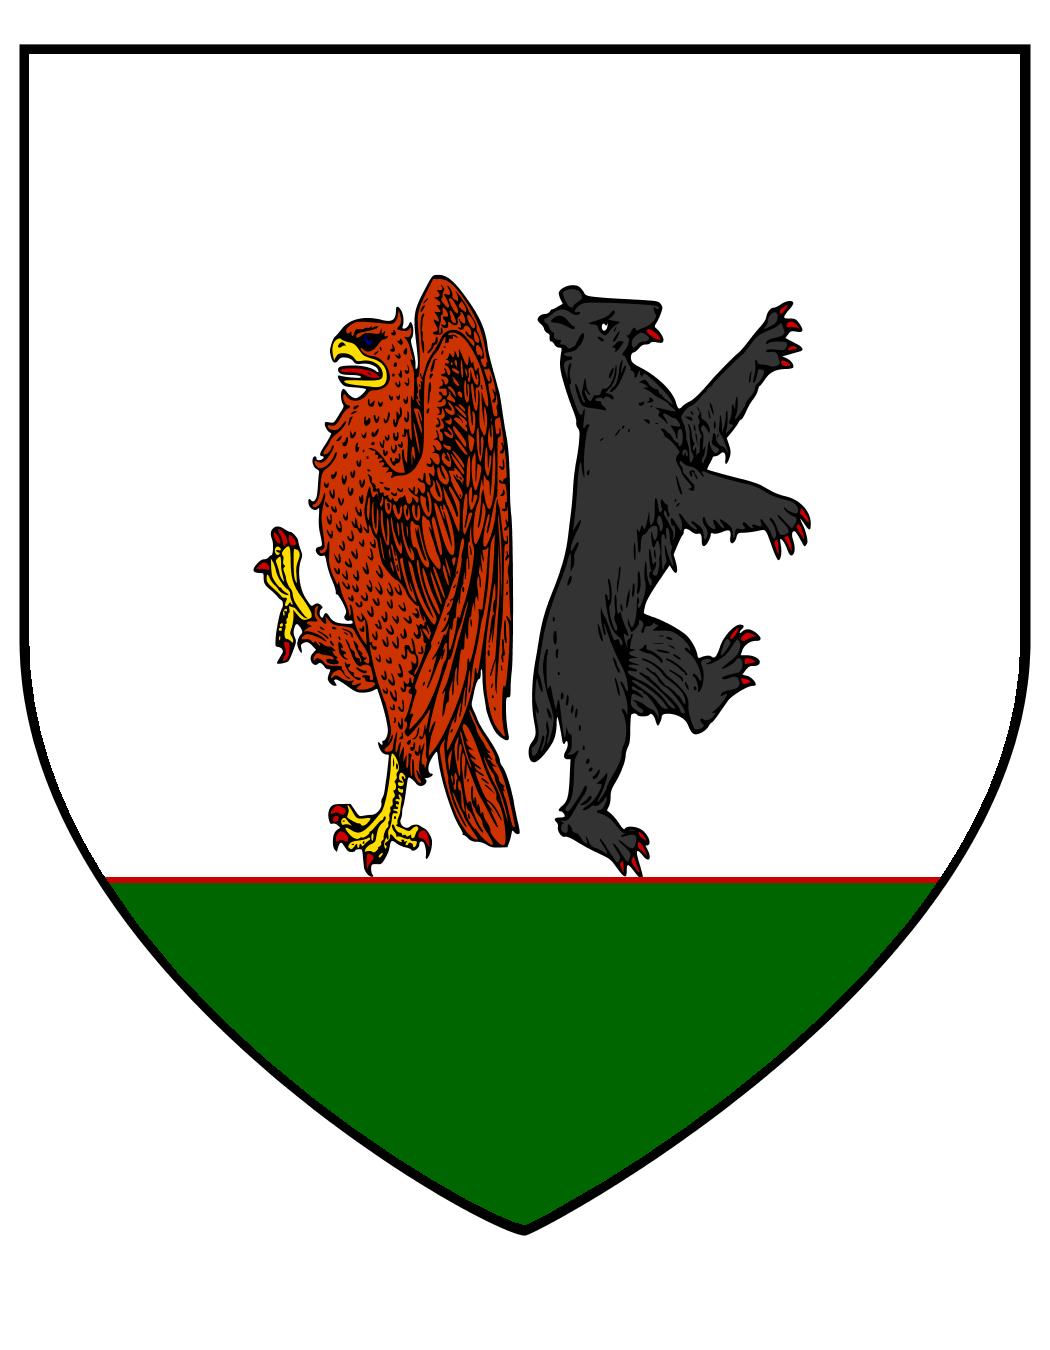 coat_of_arms_Hartmud_von_Belzig.png